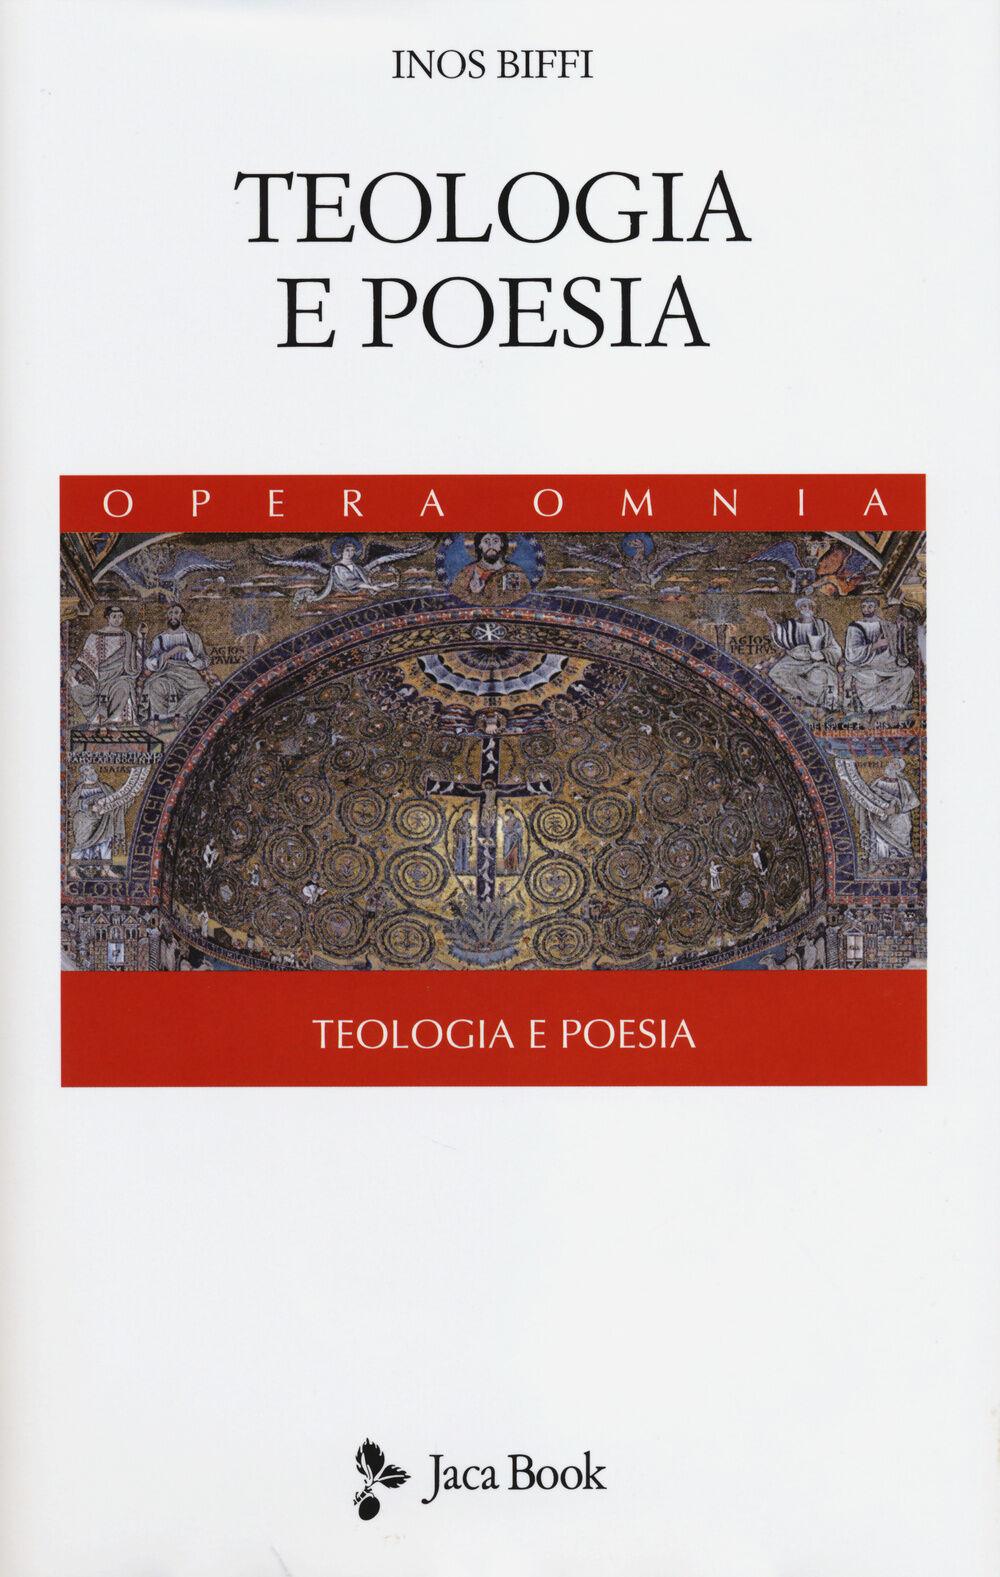 Teologia e poesia